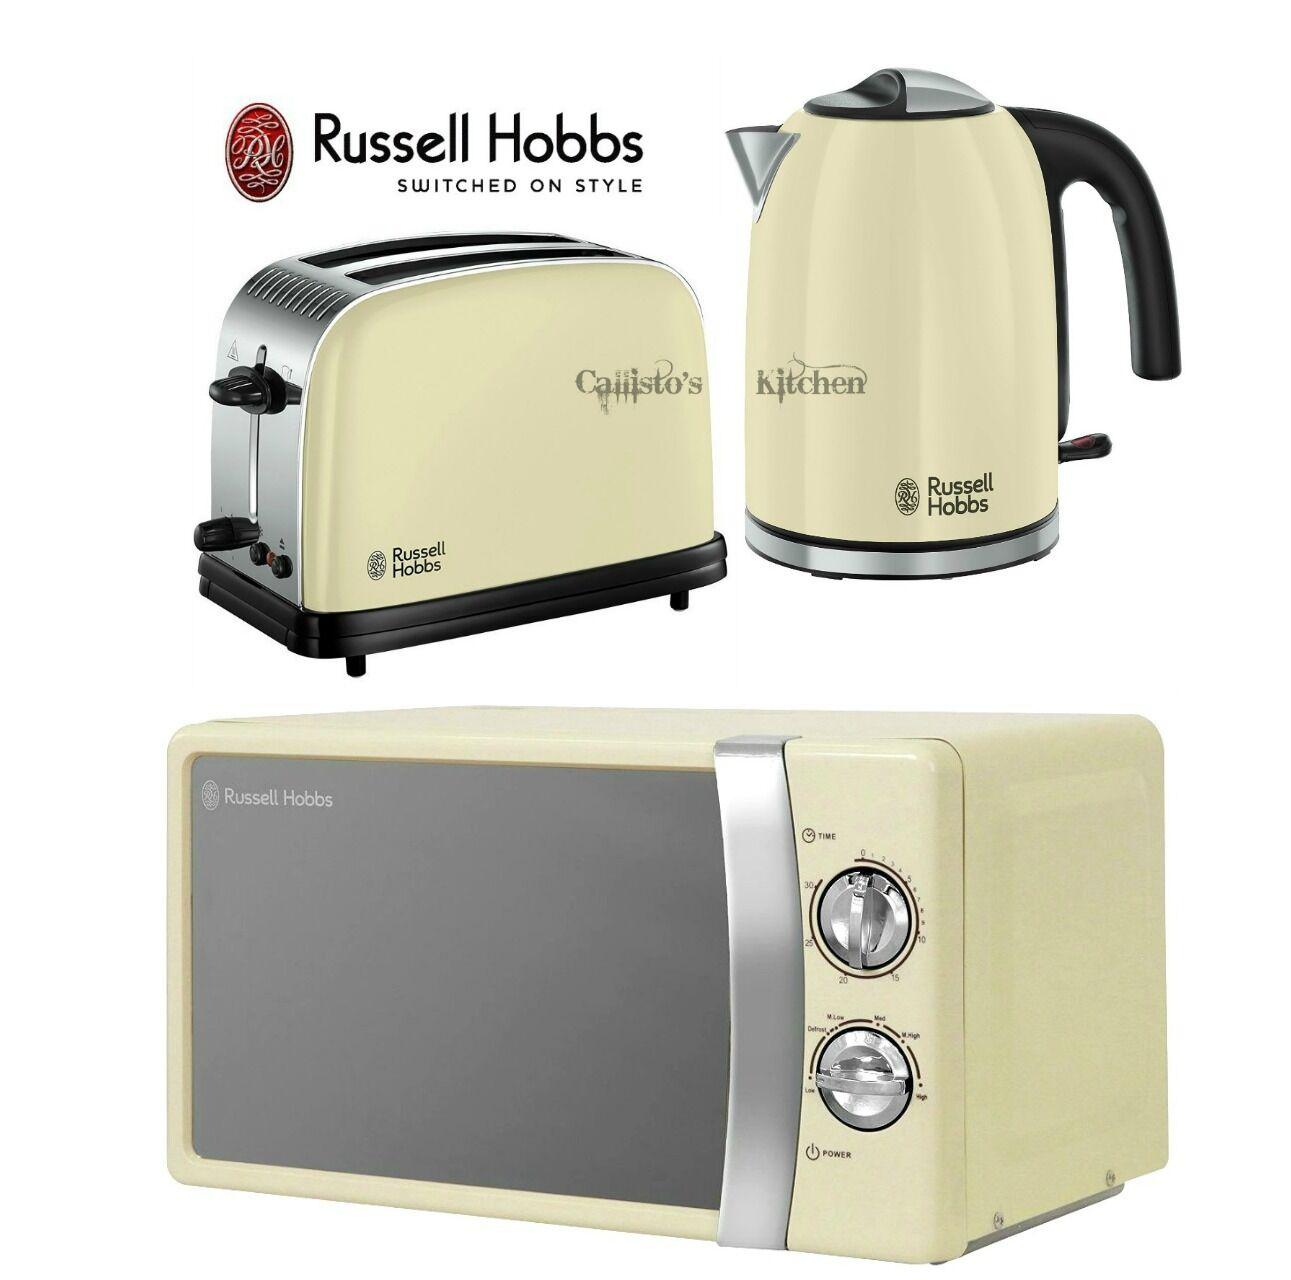 Russell y HOBBS Colours Plus Tostadora Hervidor y Russell conjunto y Manual Crema Microondas Nuevo 44a434